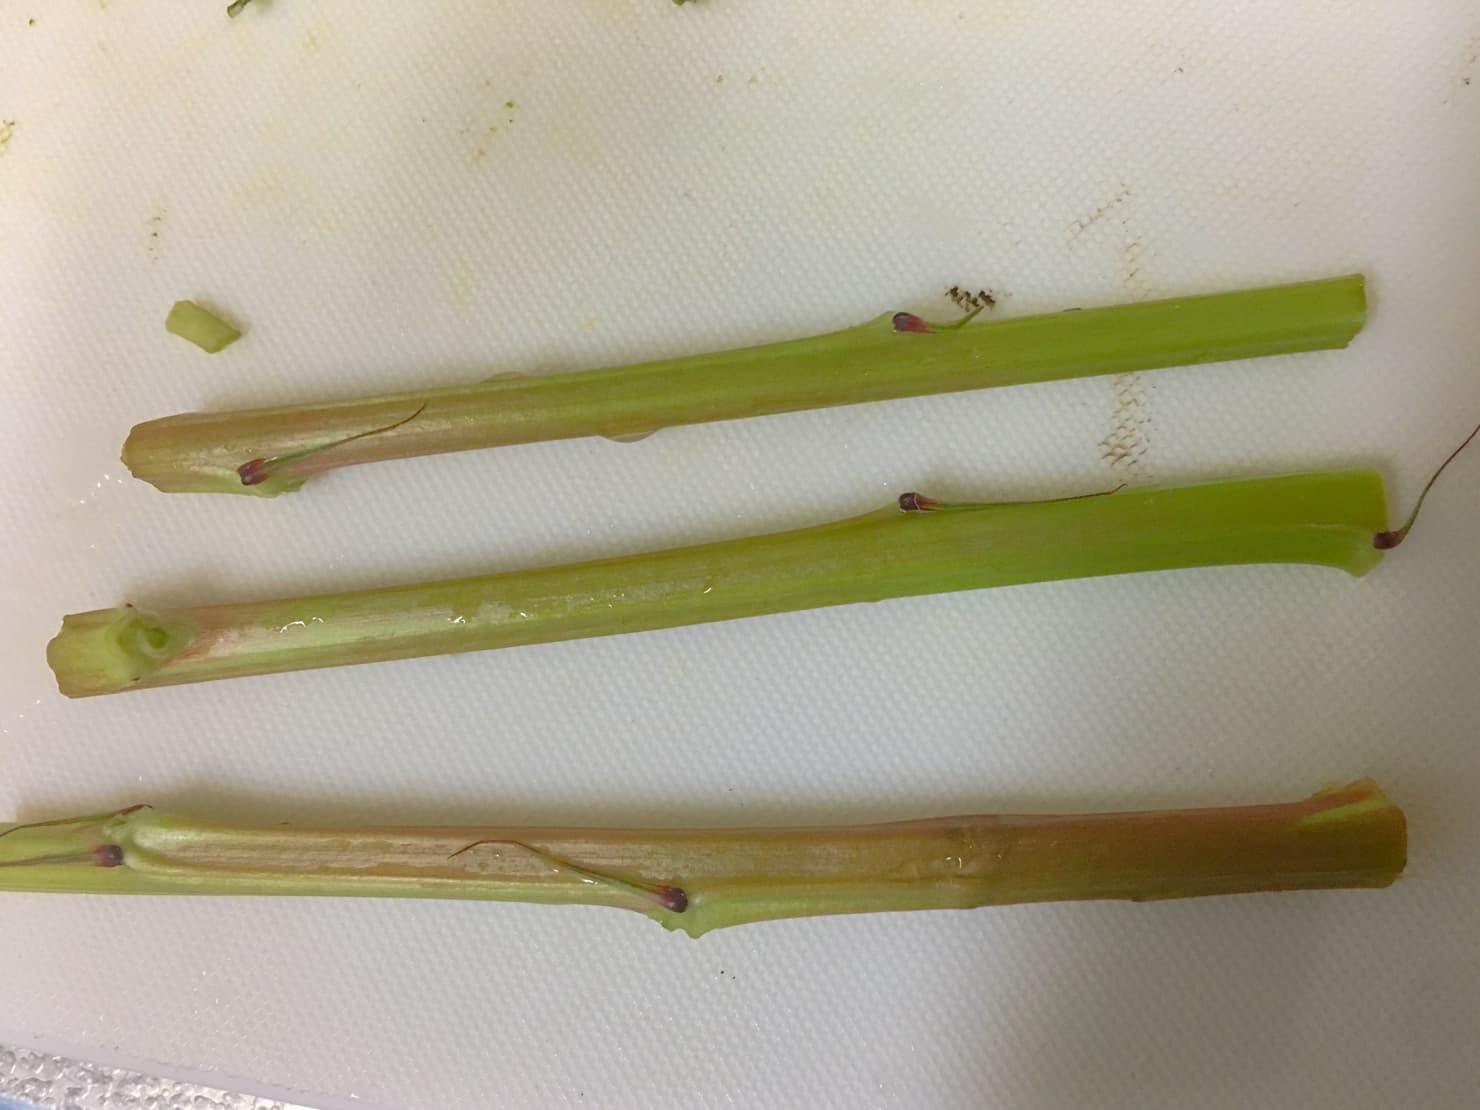 モロヘイヤの茎のかたい部分の写真